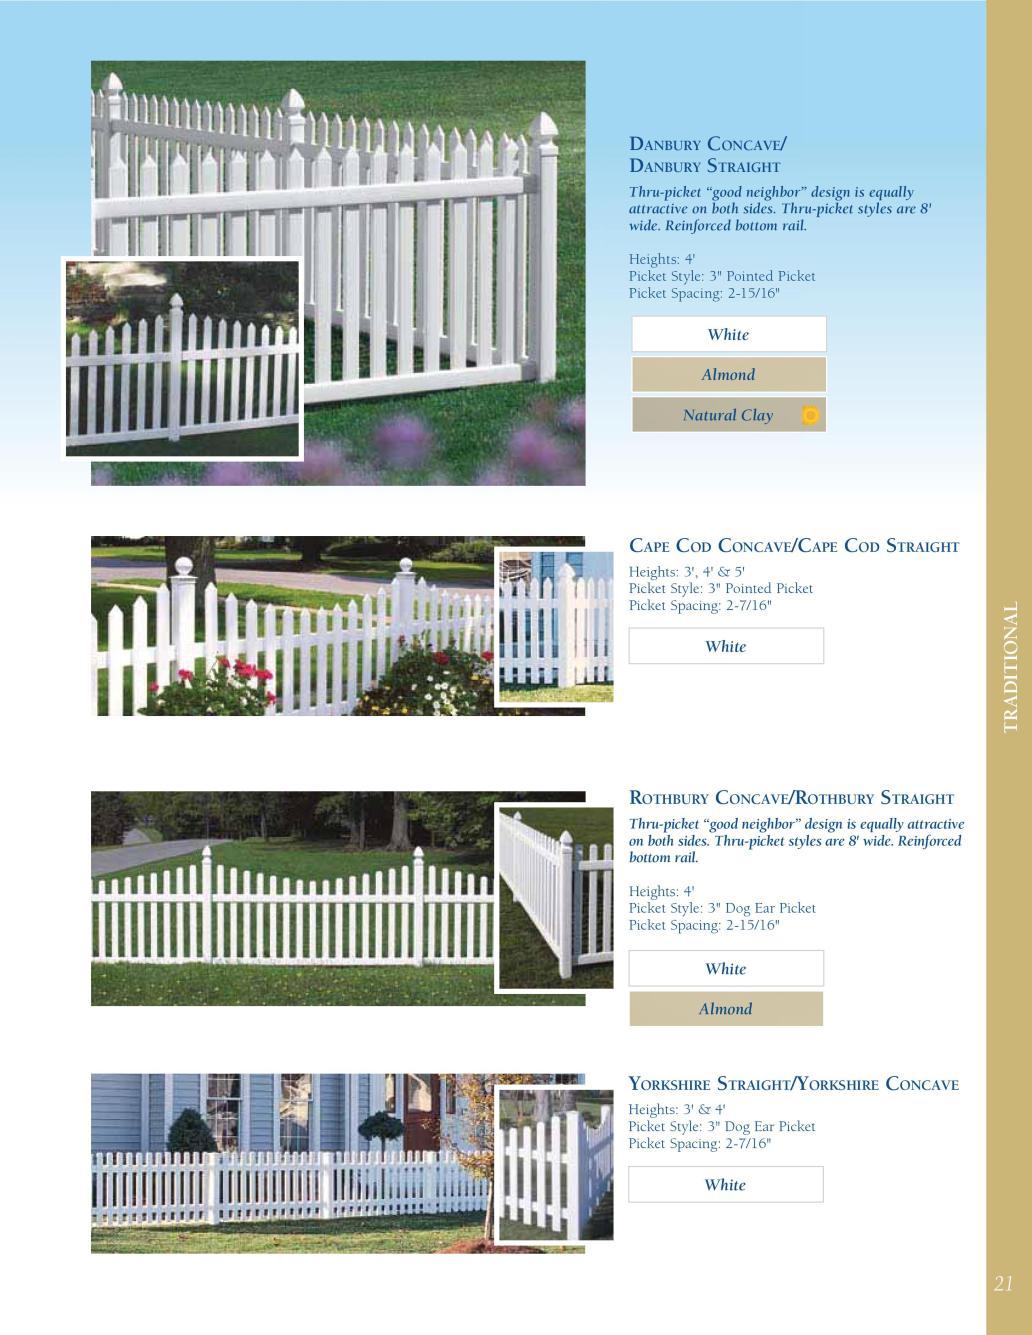 FRD_40-40-70610_Fulline-page-021